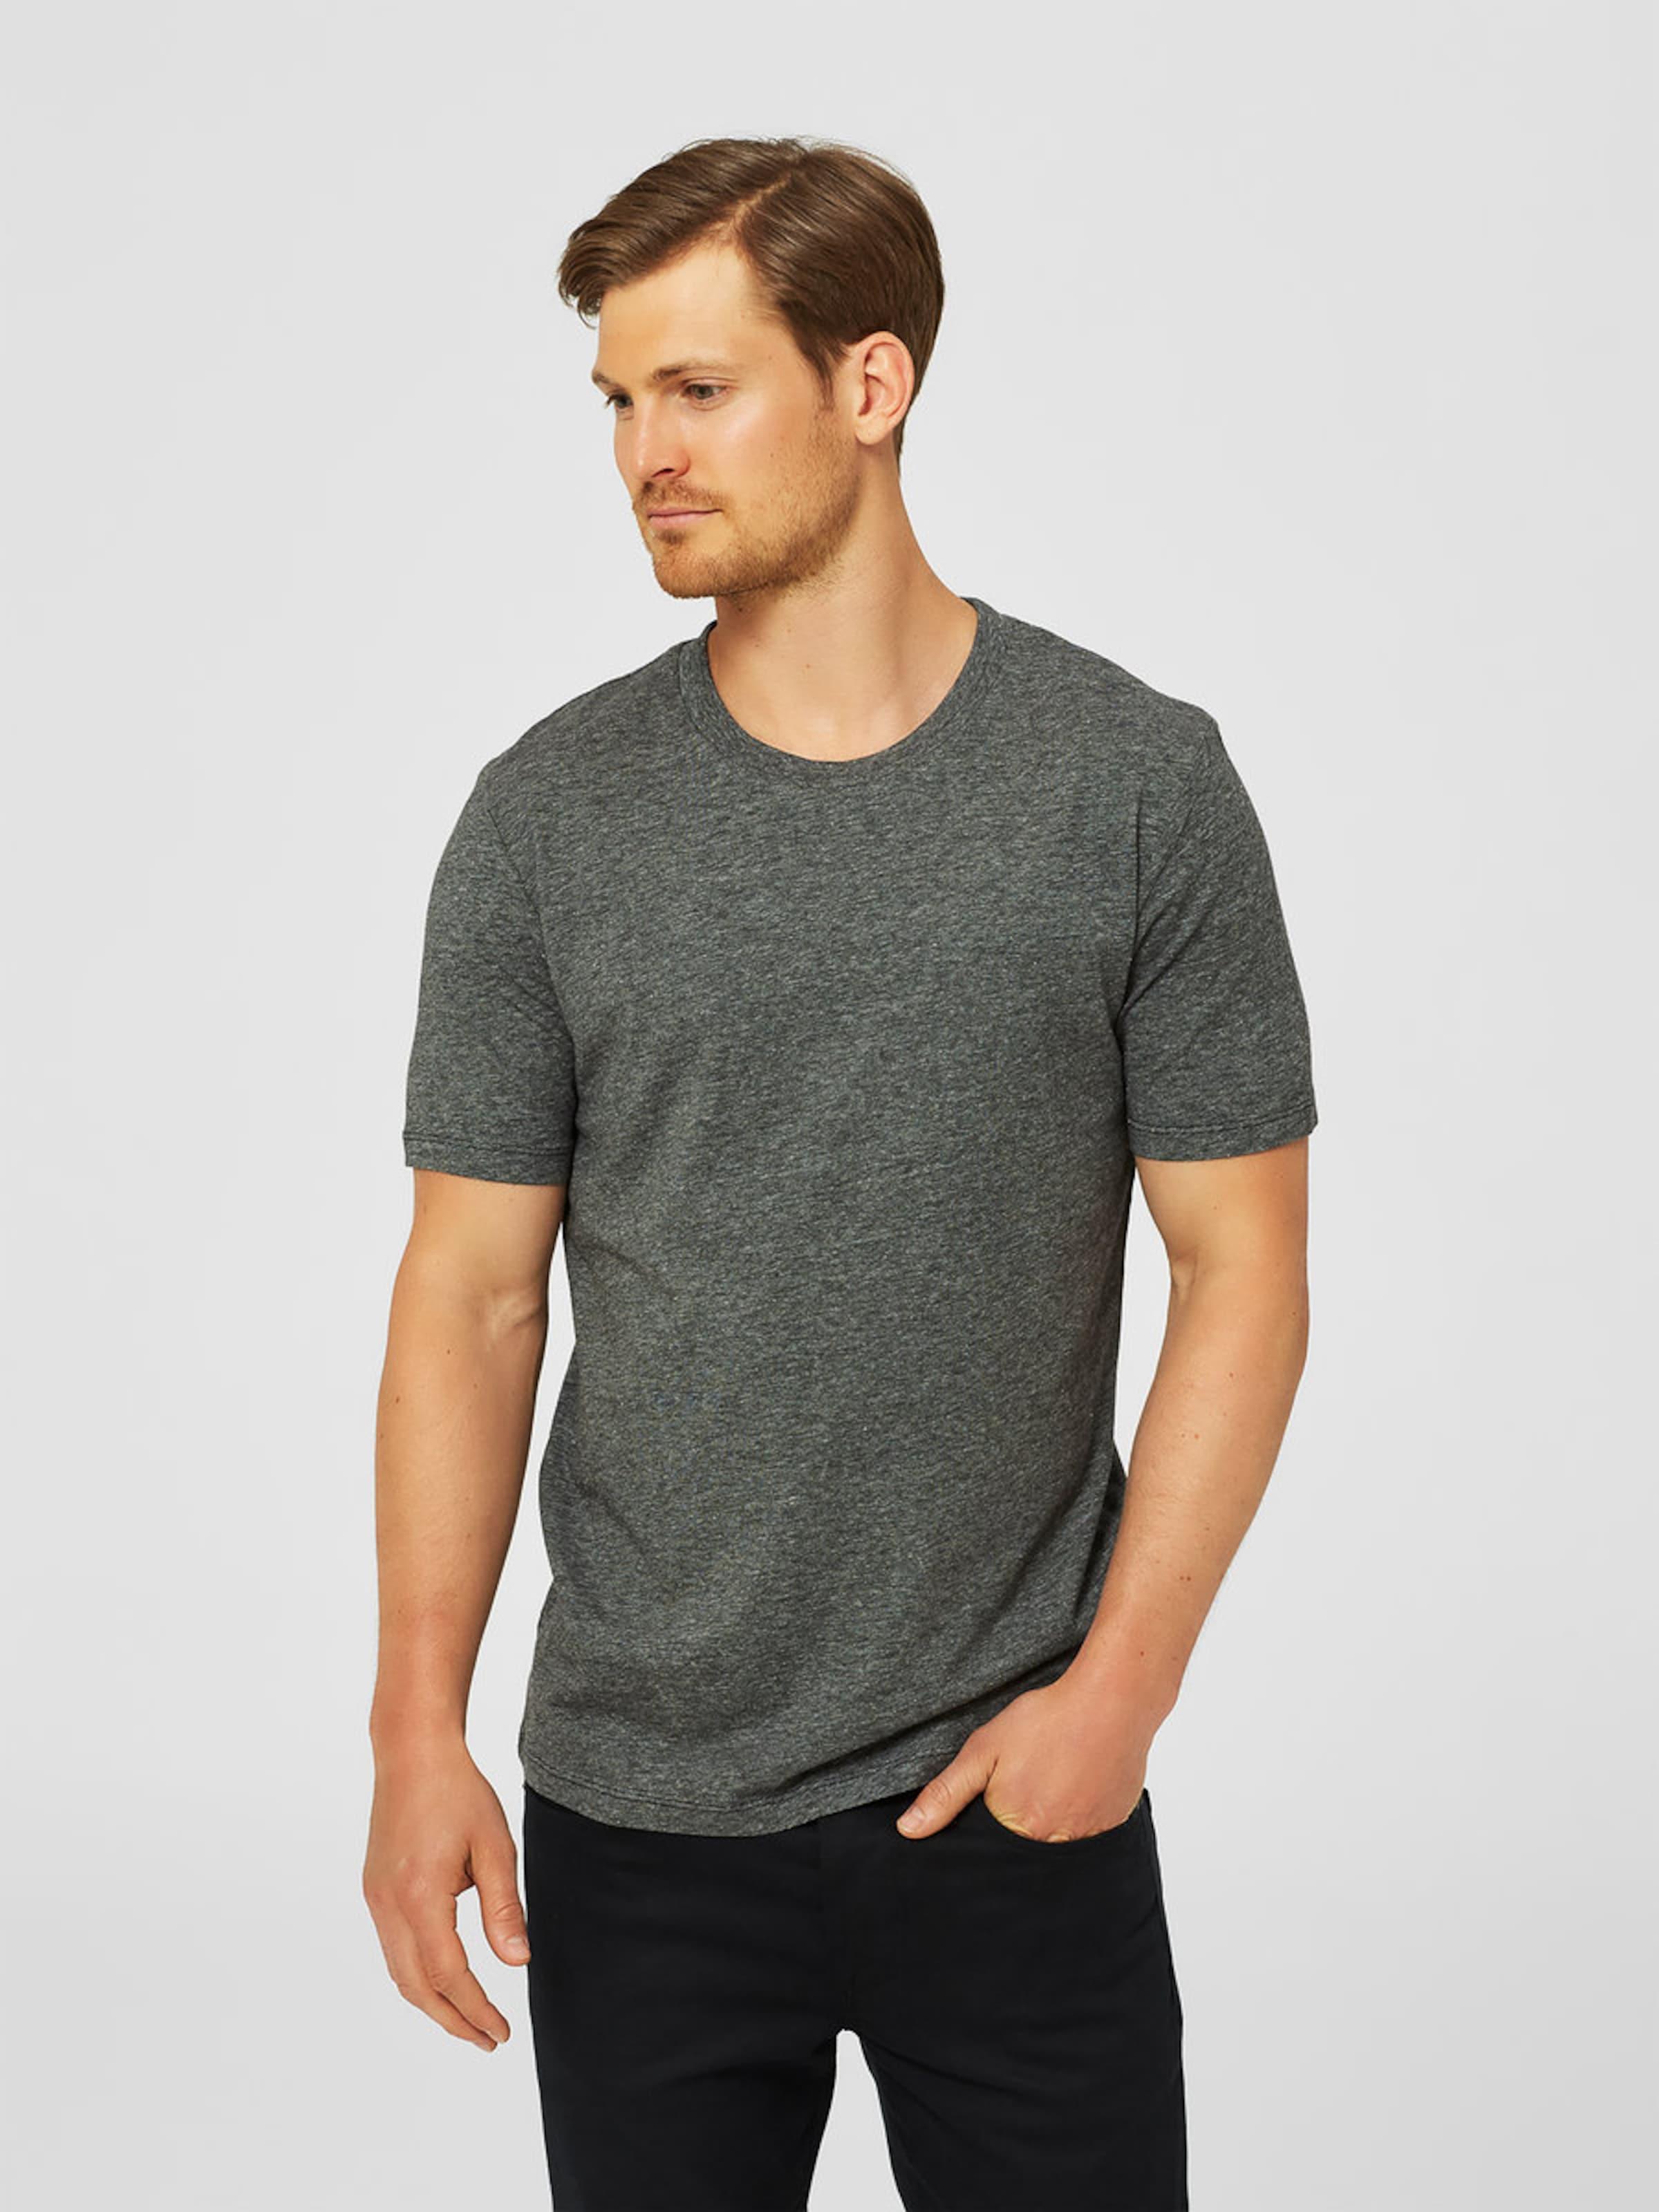 SELECTED HOMME Rundhalsausschnitt-T-Shirt Bester Verkauf Verkauf Online Mit Visum Günstigem Preis Zahlen Auslass Hohe Qualität gqJddaJ